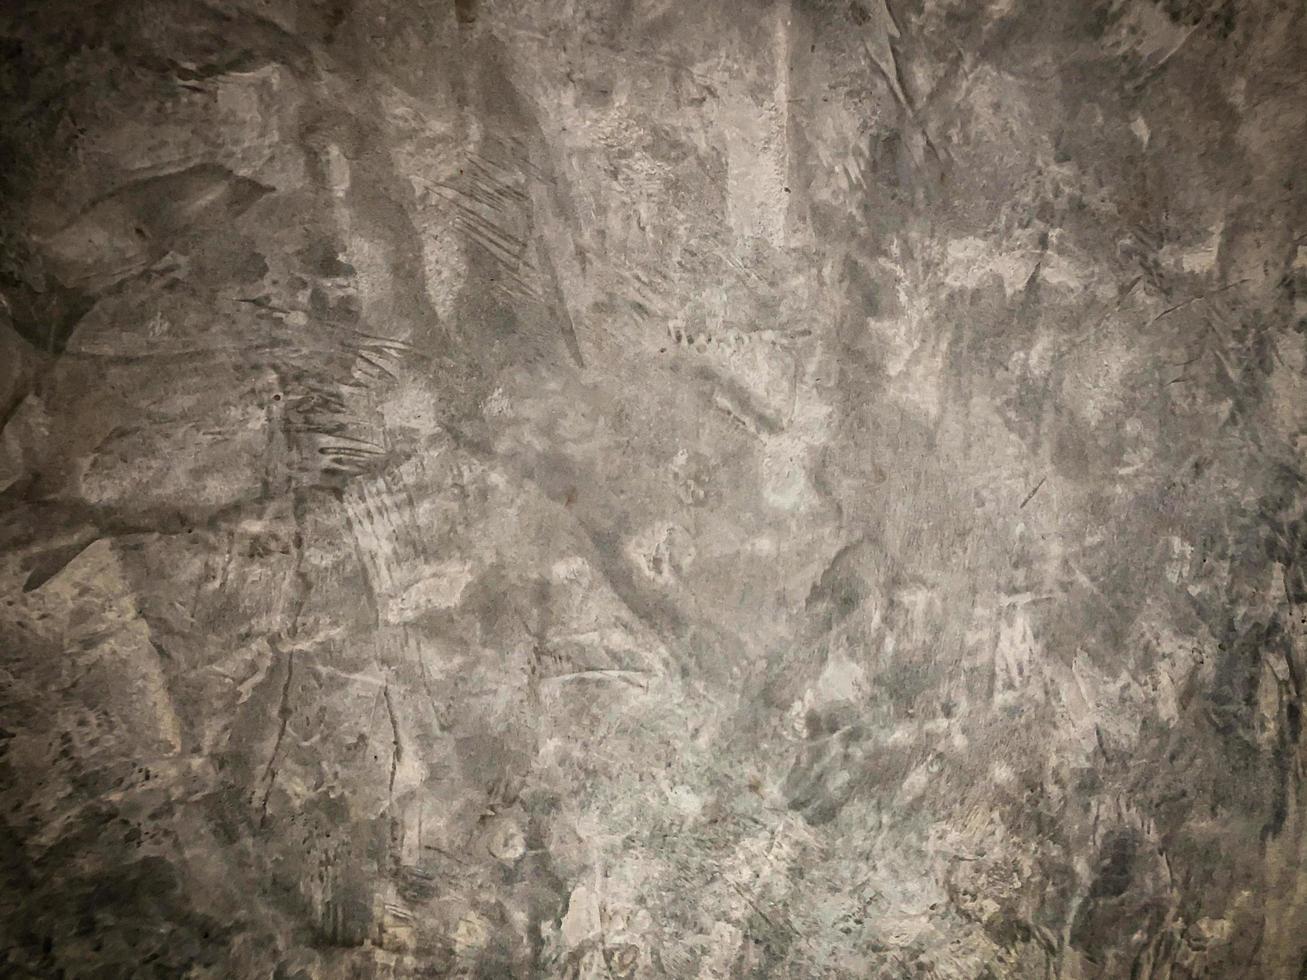 sfondo di cemento grigio nudo foto